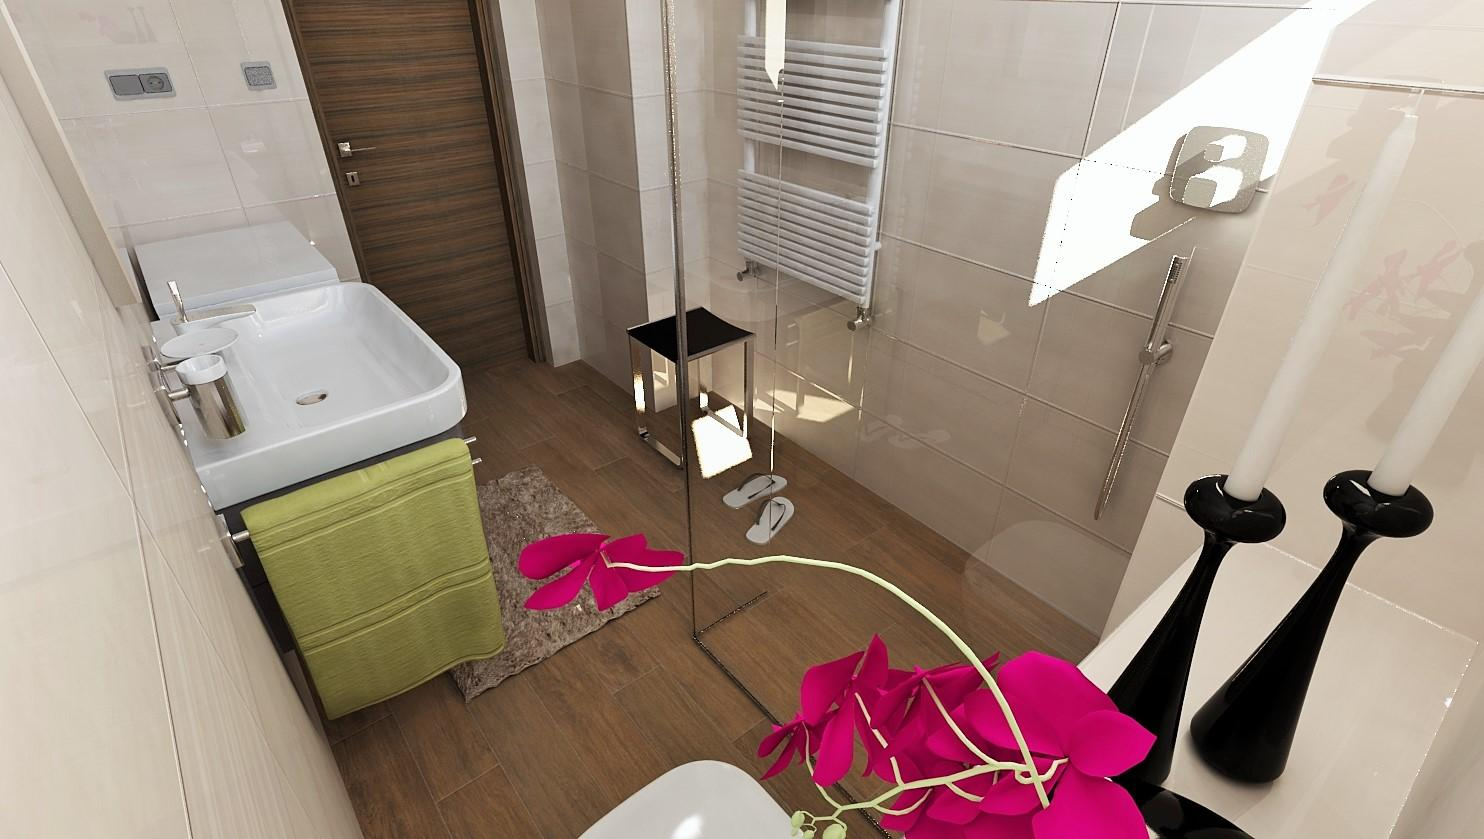 Návrhy a vizualizácie kúpeľní - Obrázok č. 14